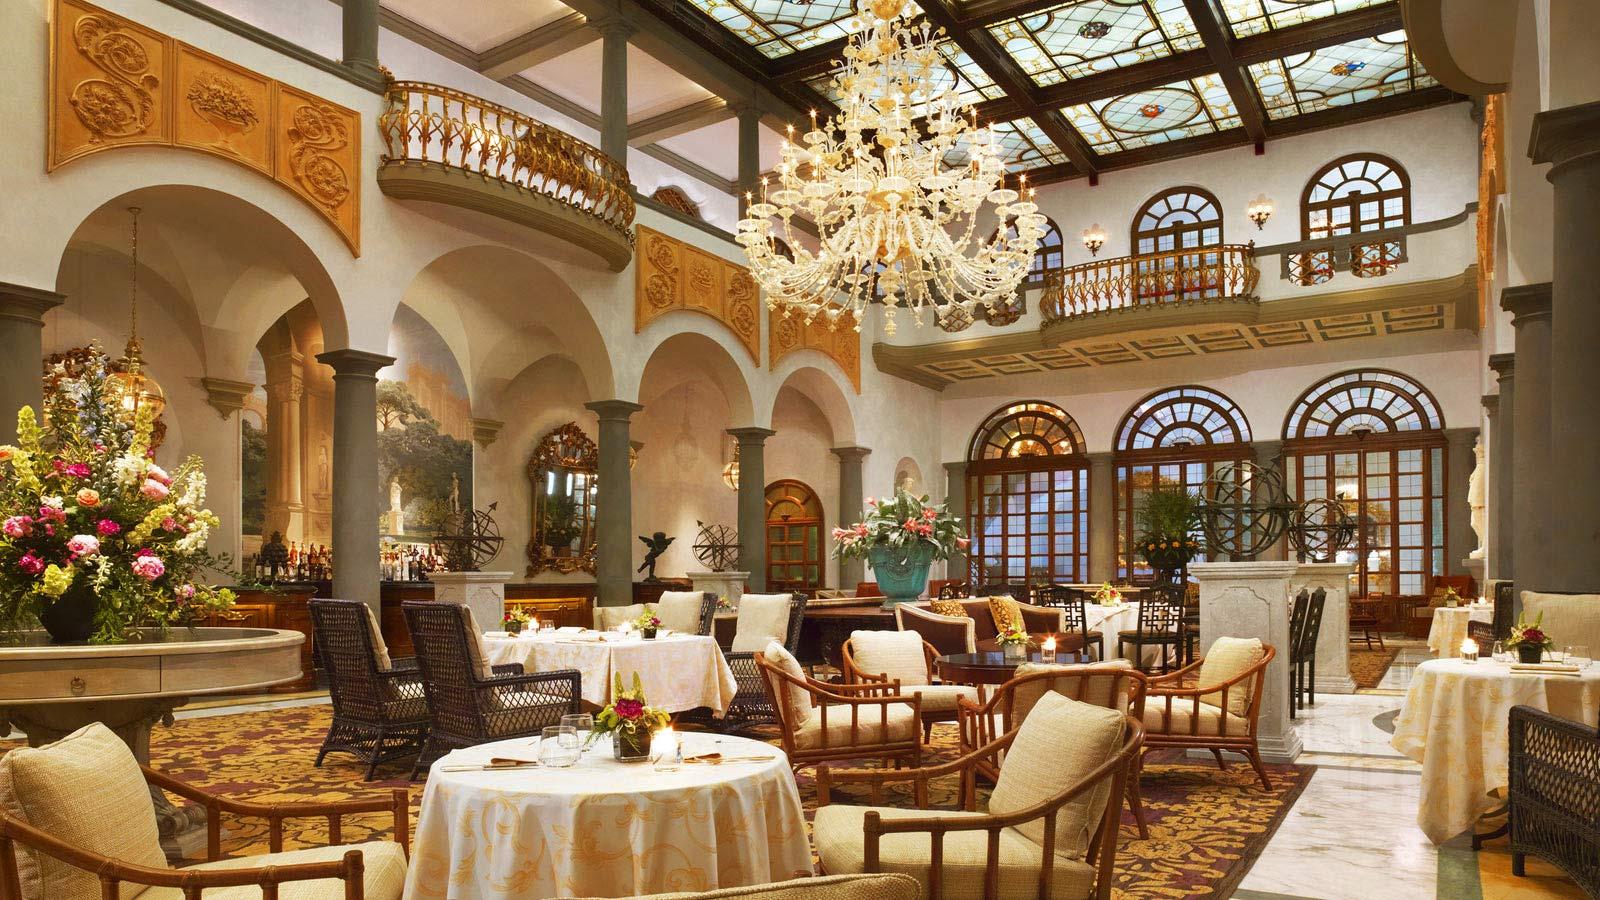 インド人と高級ホテル_a0136671_0214375.jpg